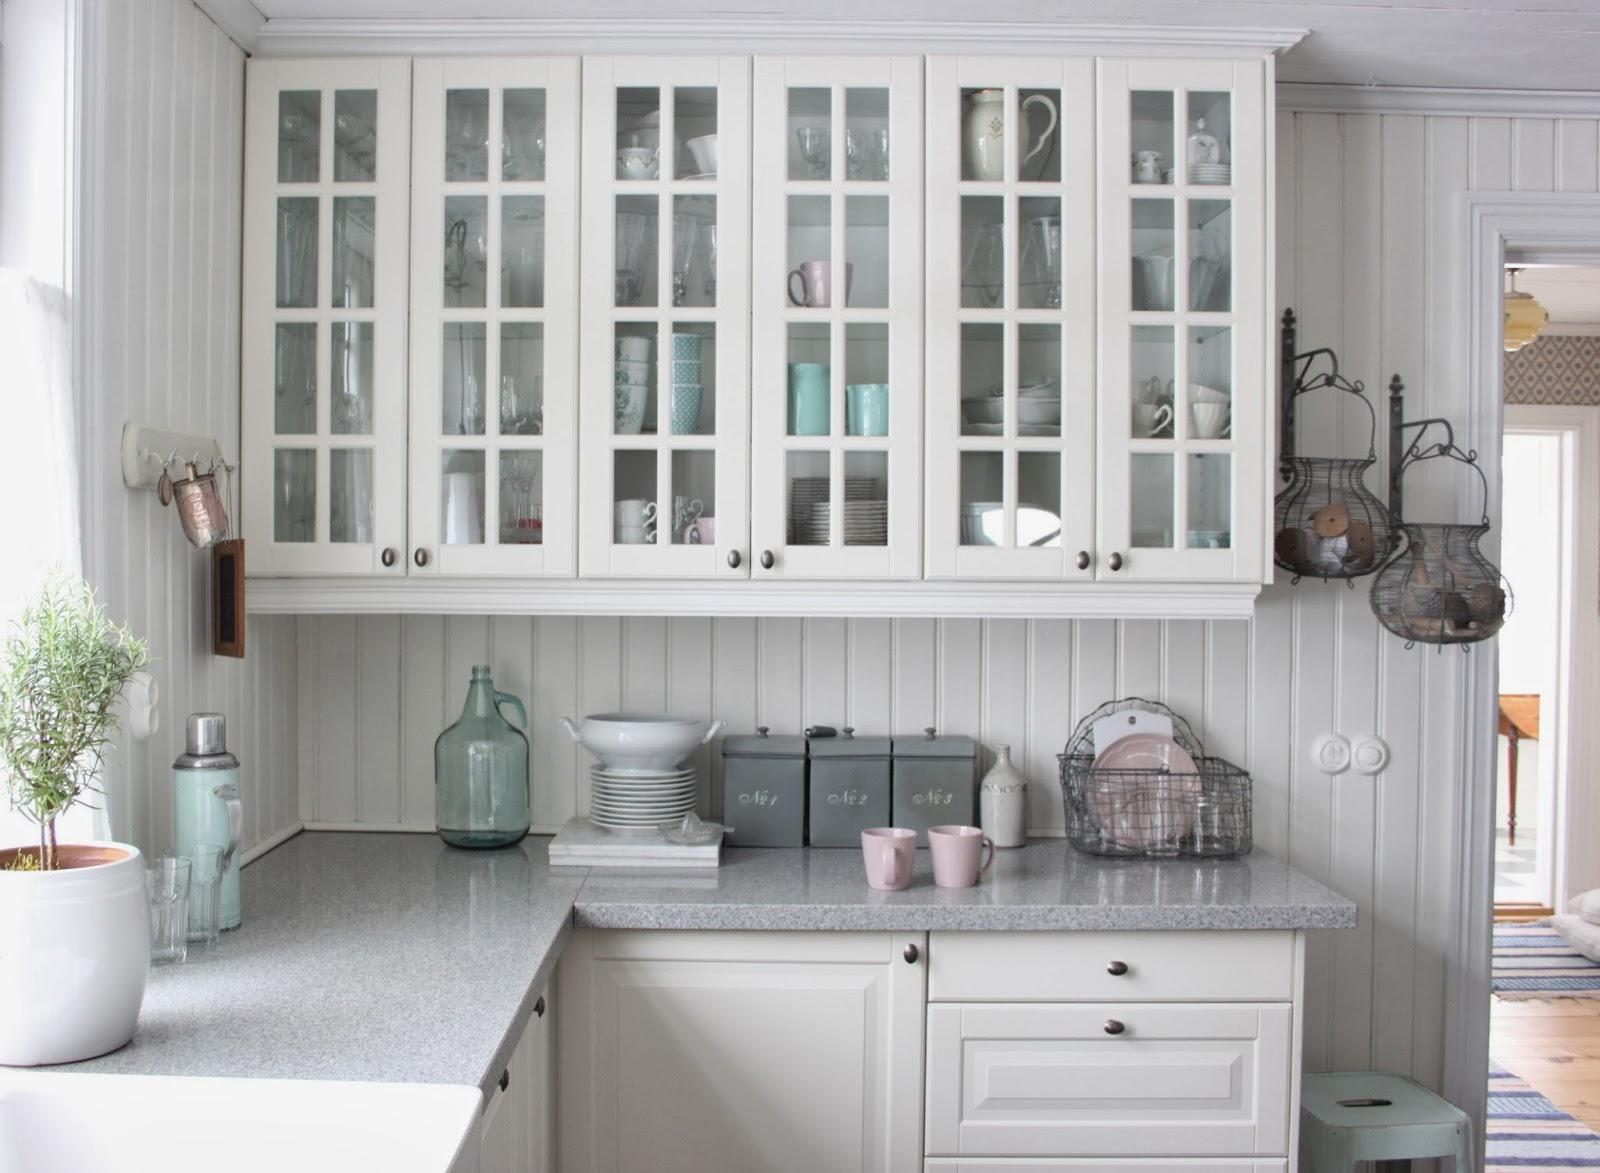 Add: design / anna stenberg / lantligt på svanängen: kök med ...